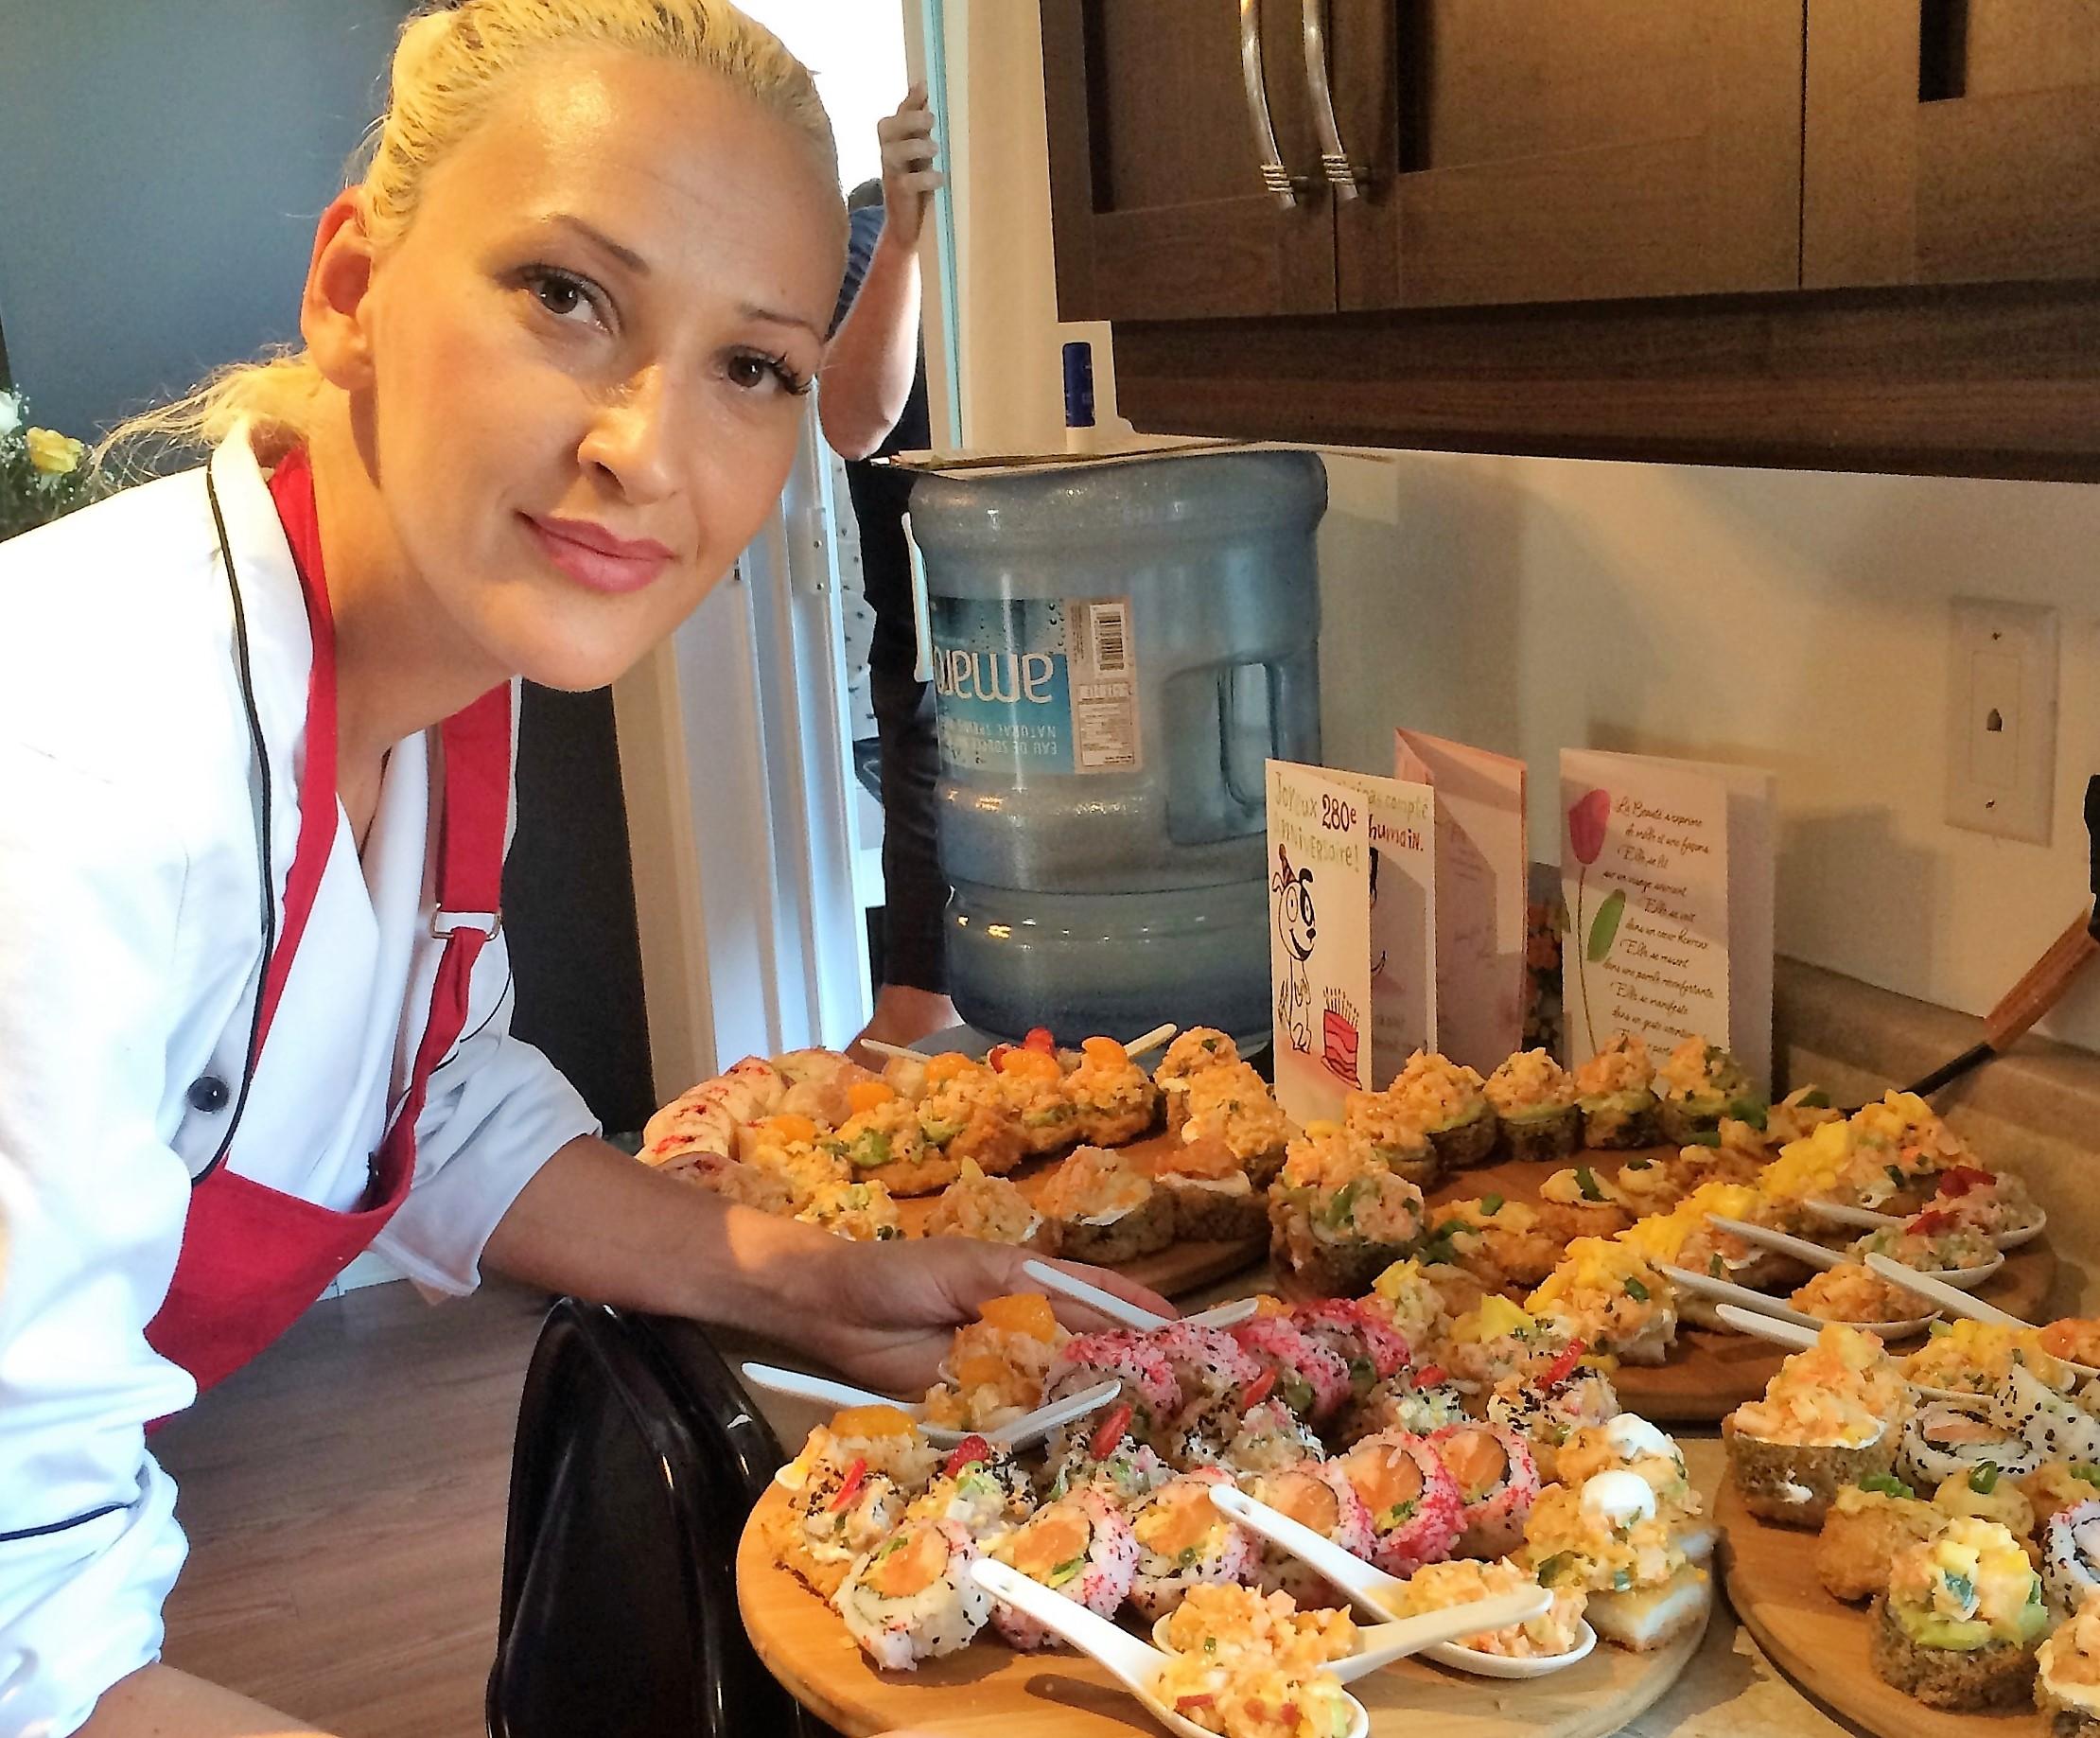 Votre Chef! — SushiS à Domicile